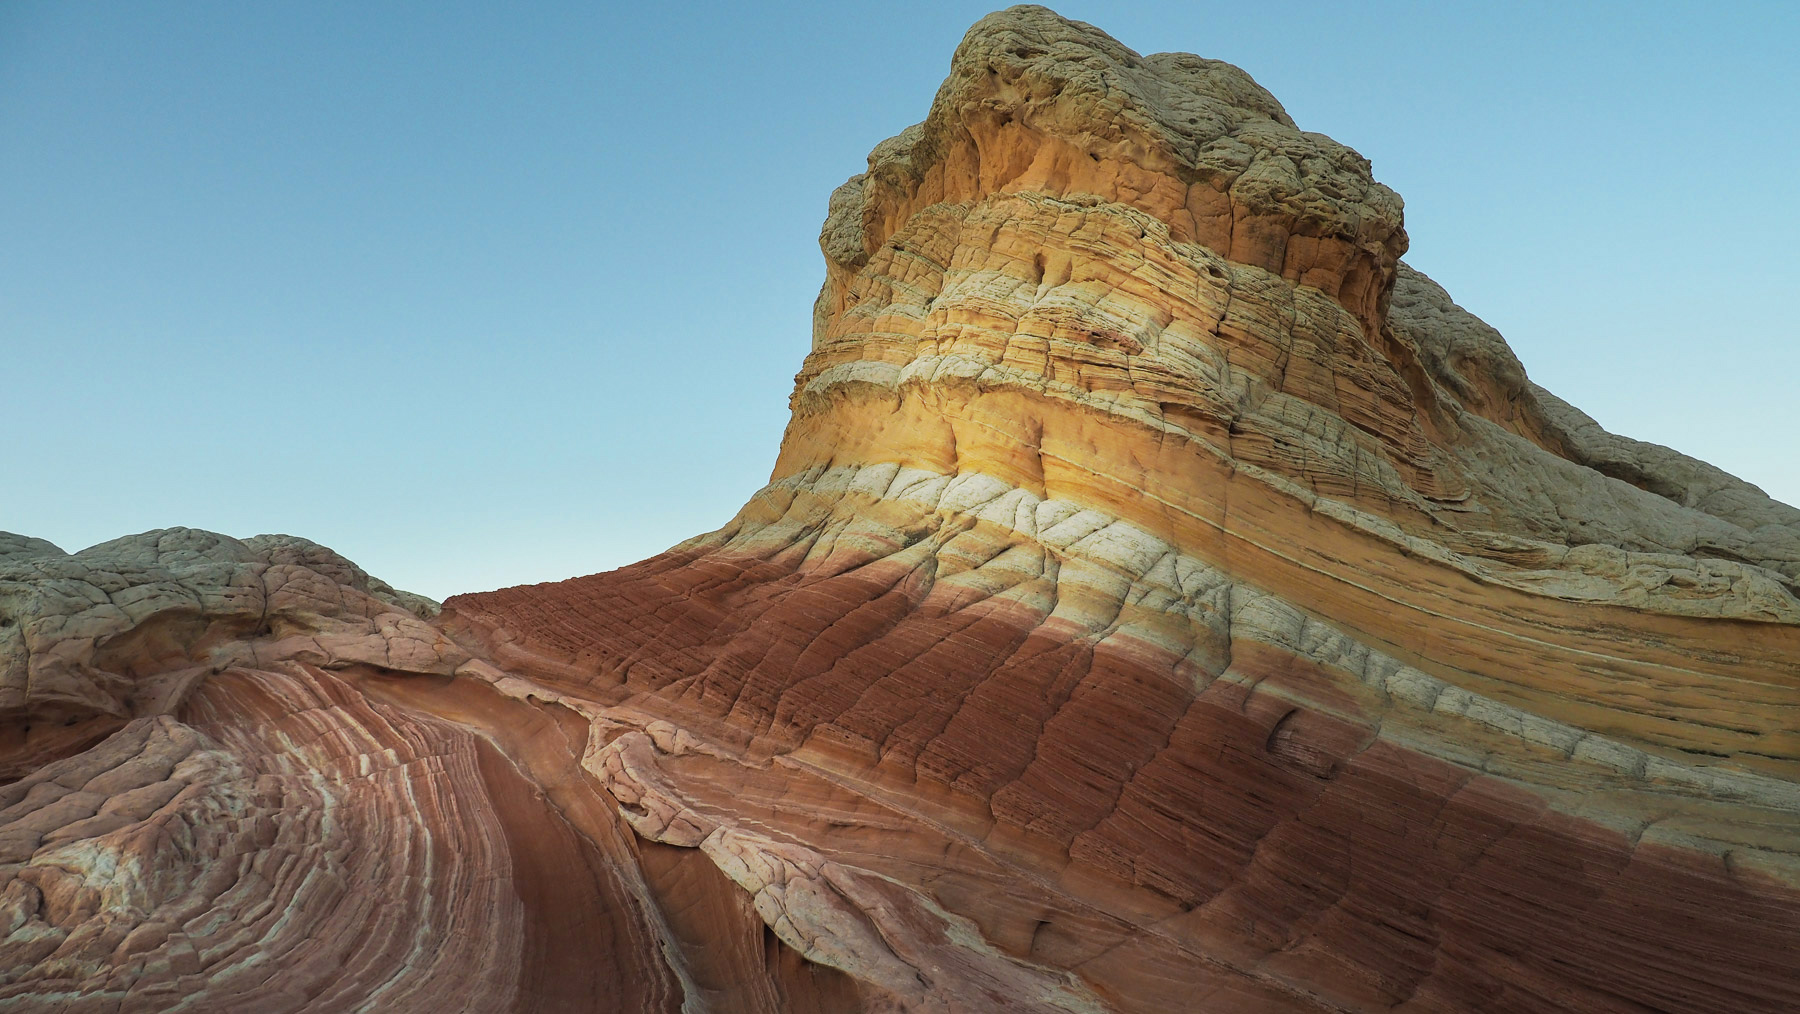 Unter der weißen Haut hat die Erosion rote und gelbe Schichten freigelegt